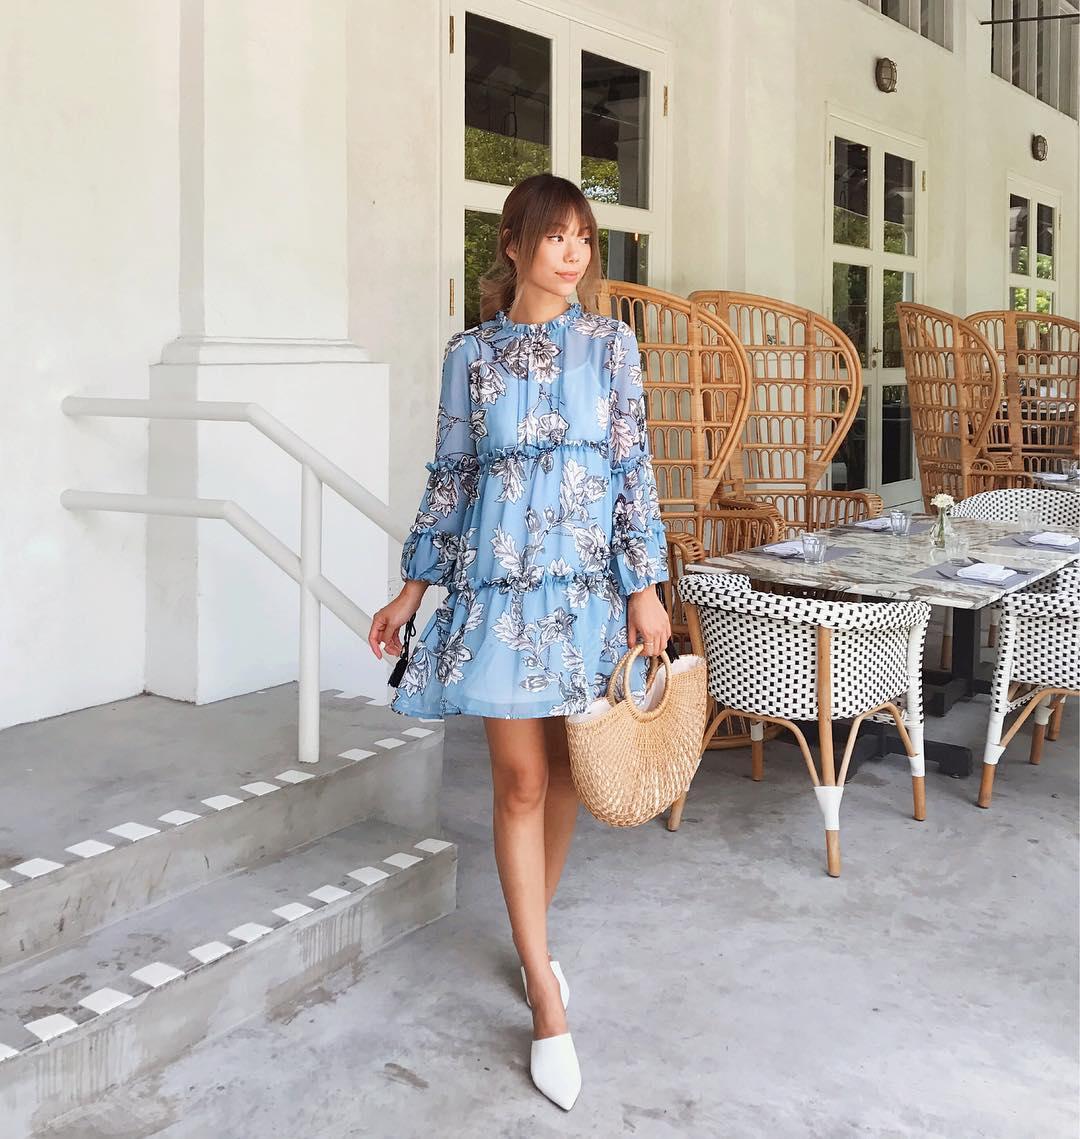 Thời trang cung hoàng đạo Cự Giải tháng 5 - Đầm voan in hoa màu xanh da trời